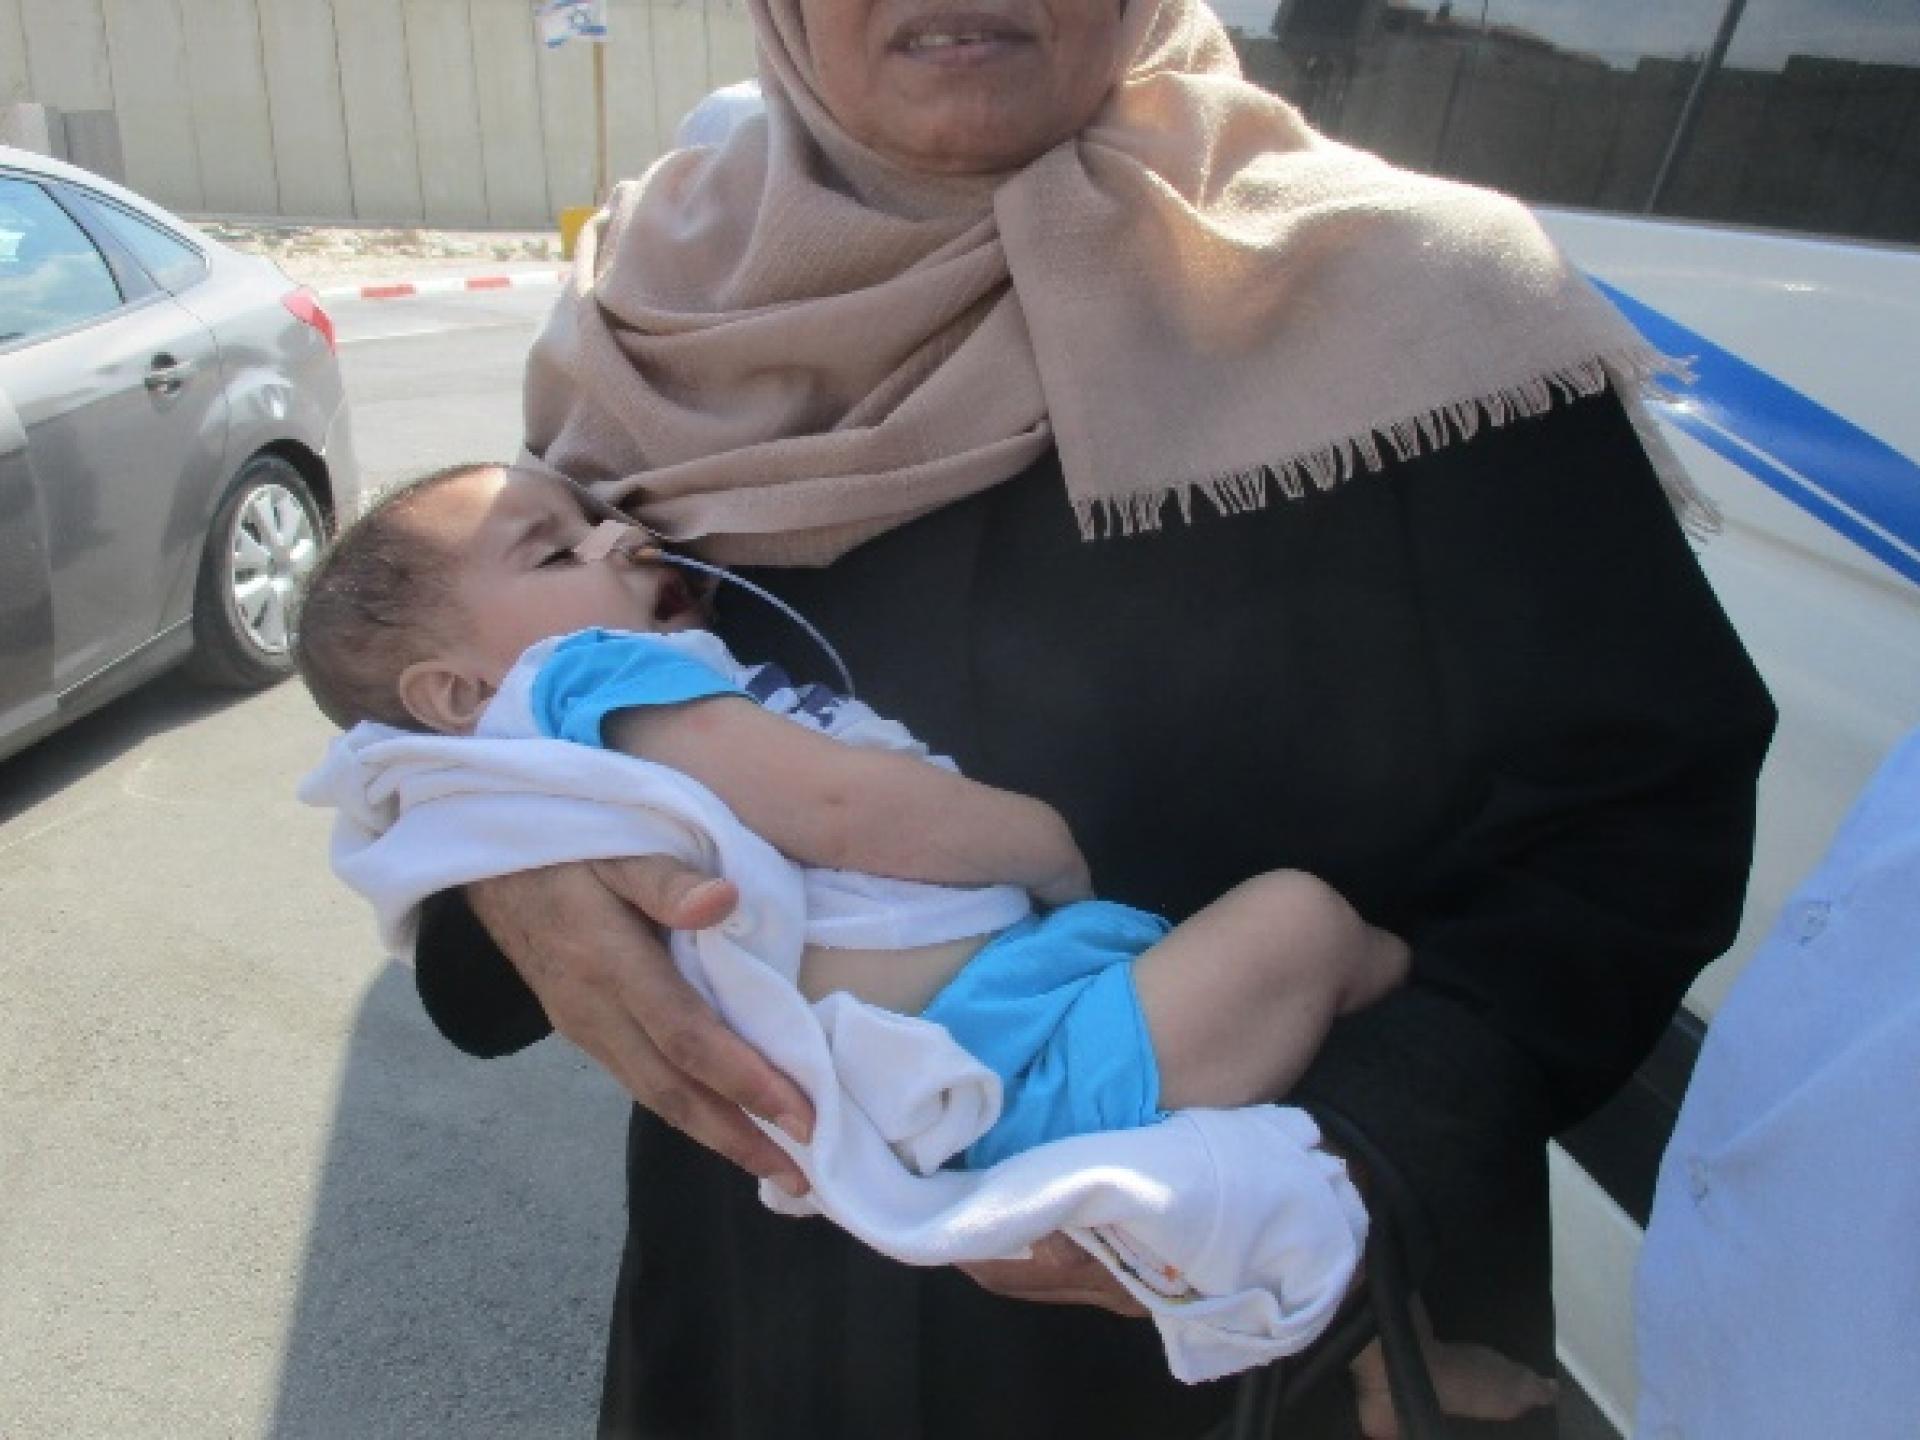 תינוק בן ששה שבועות שצינורית זונדה נמתחת מאפו